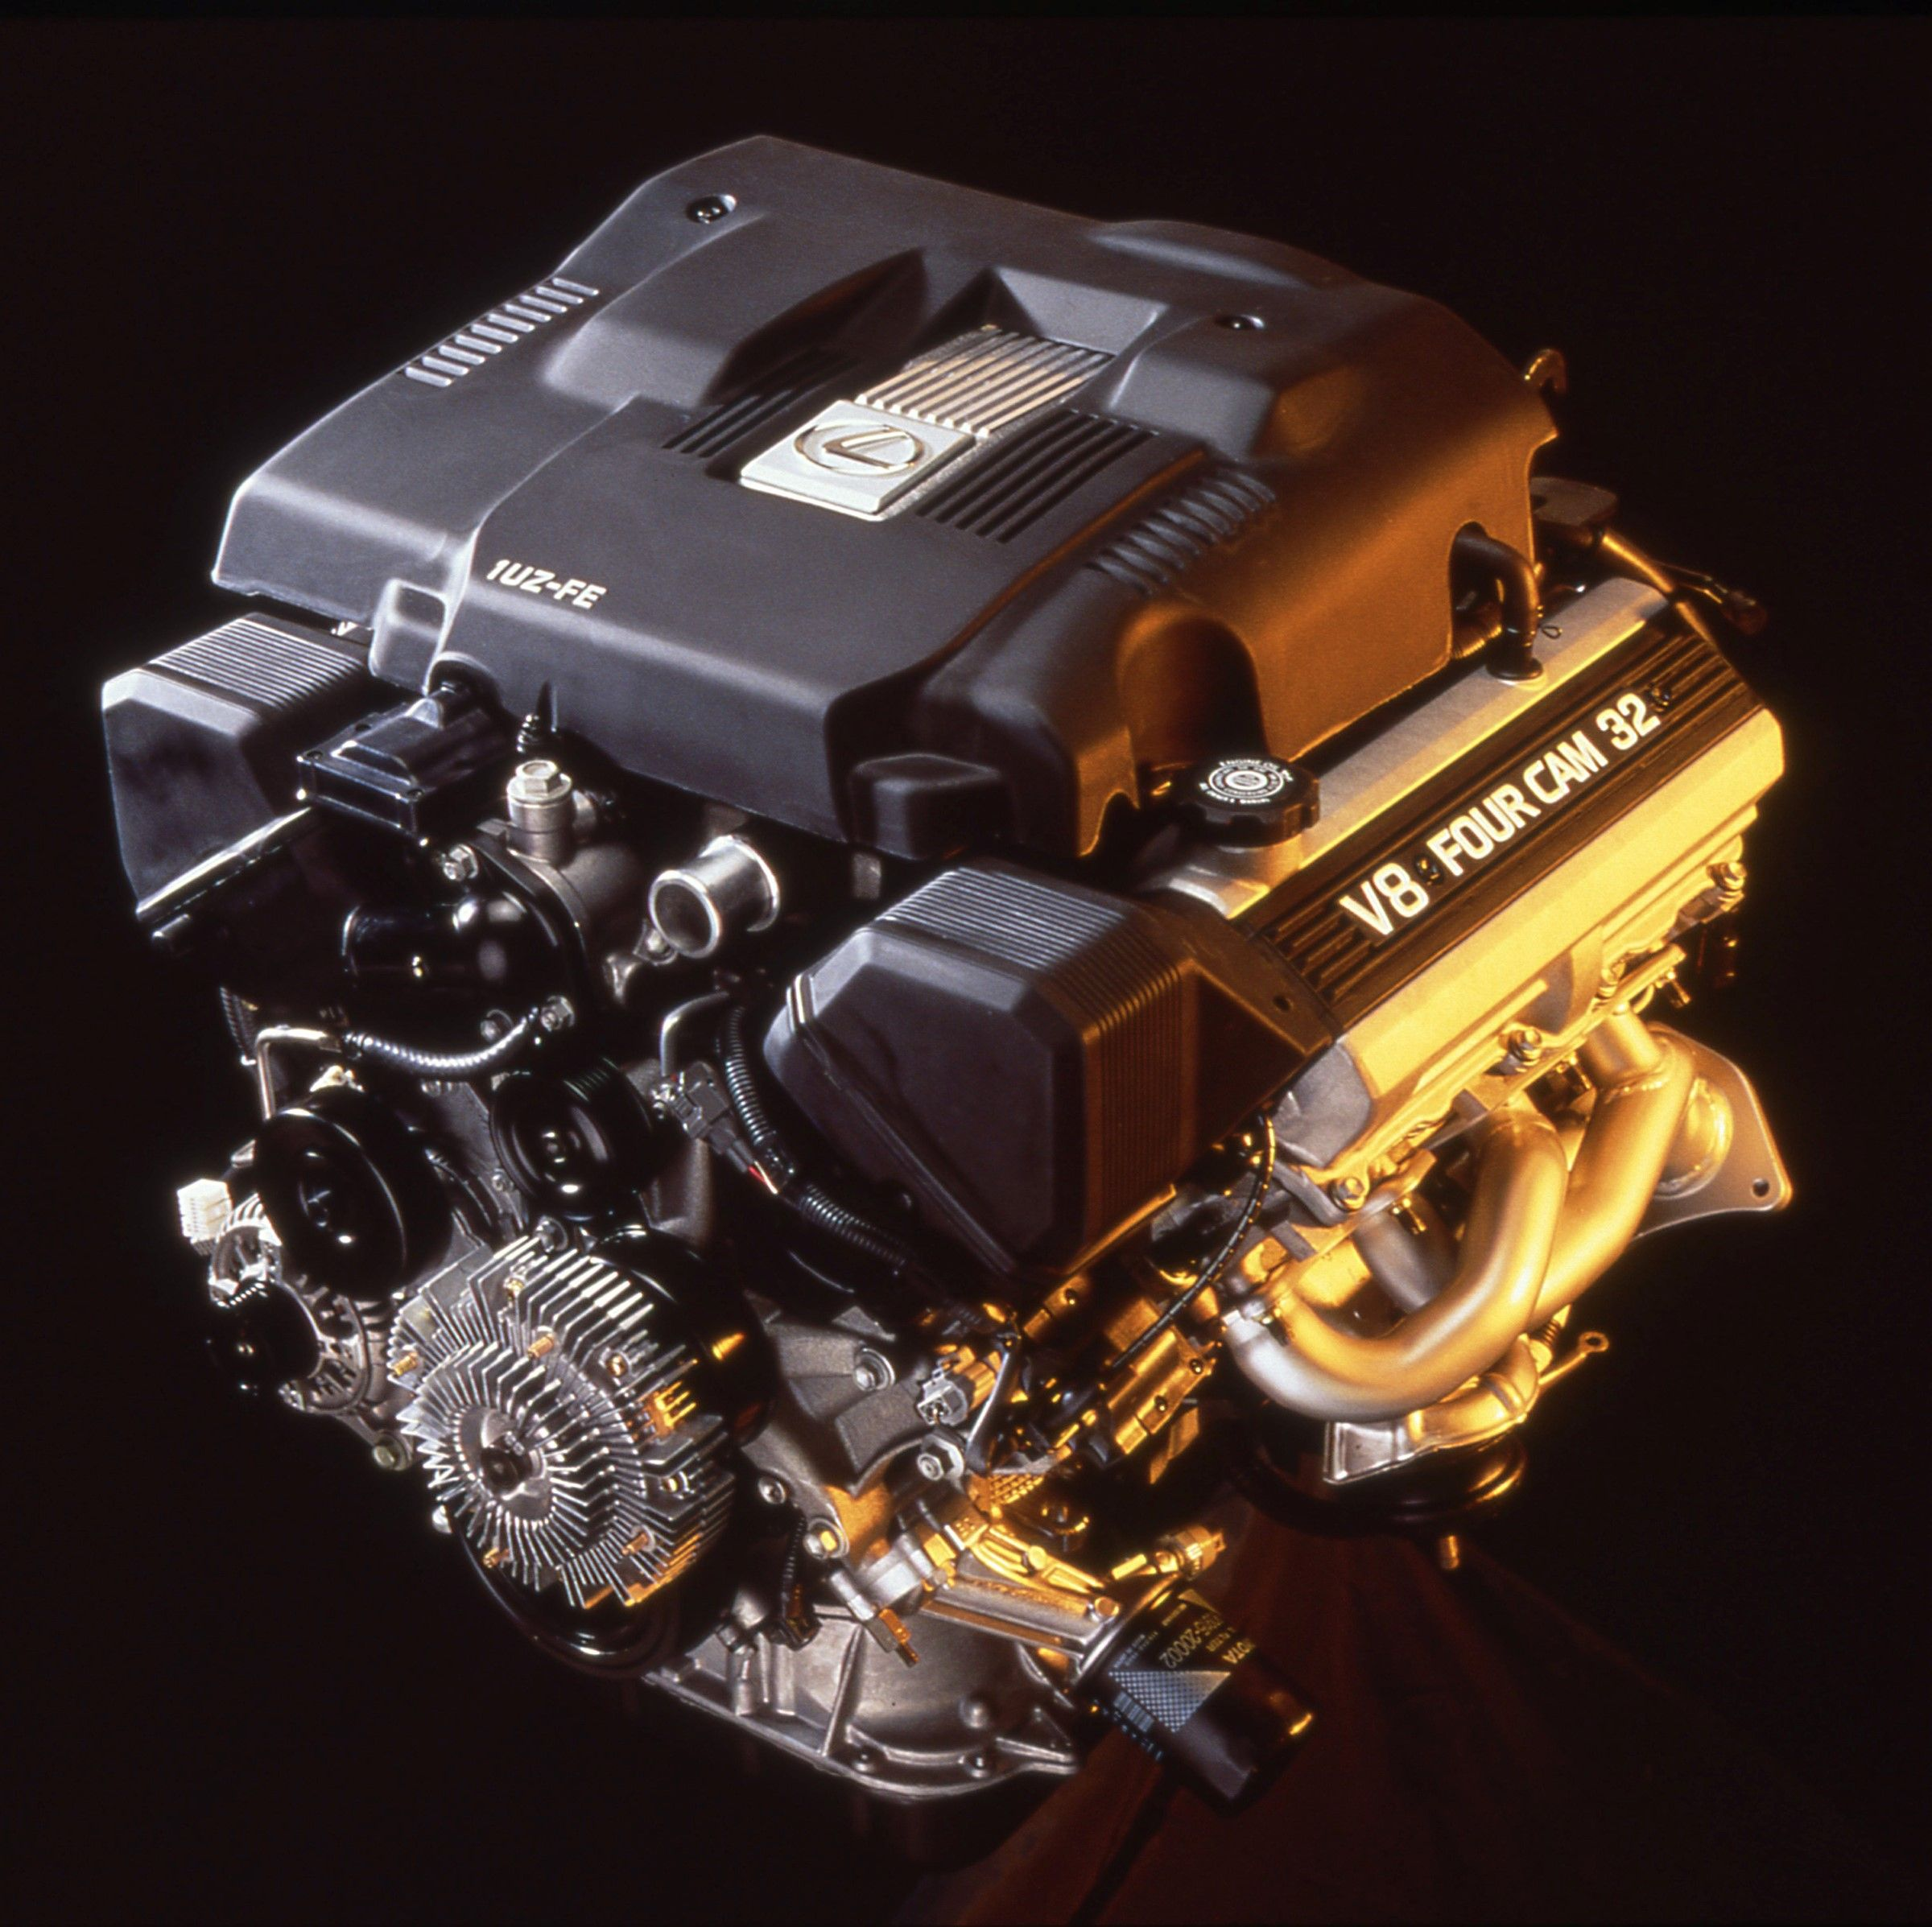 hight resolution of 1996 lexus ls 400 engine